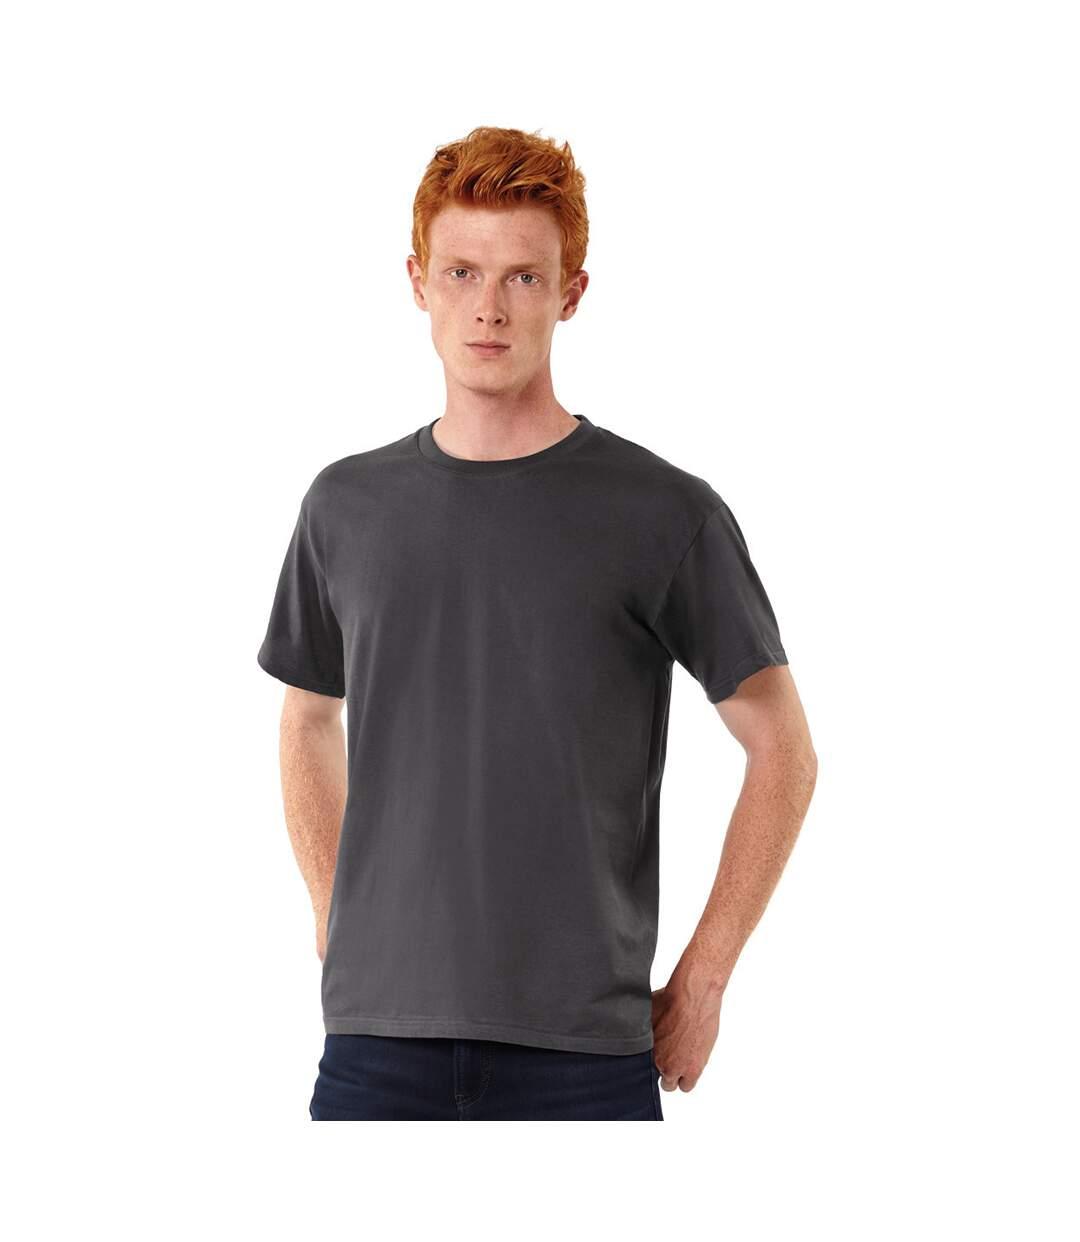 B&C Exact 190 Mens Crew Neck T-Shirt / Mens Short Sleeve T-Shirt (Dark Grey) - UTBC125